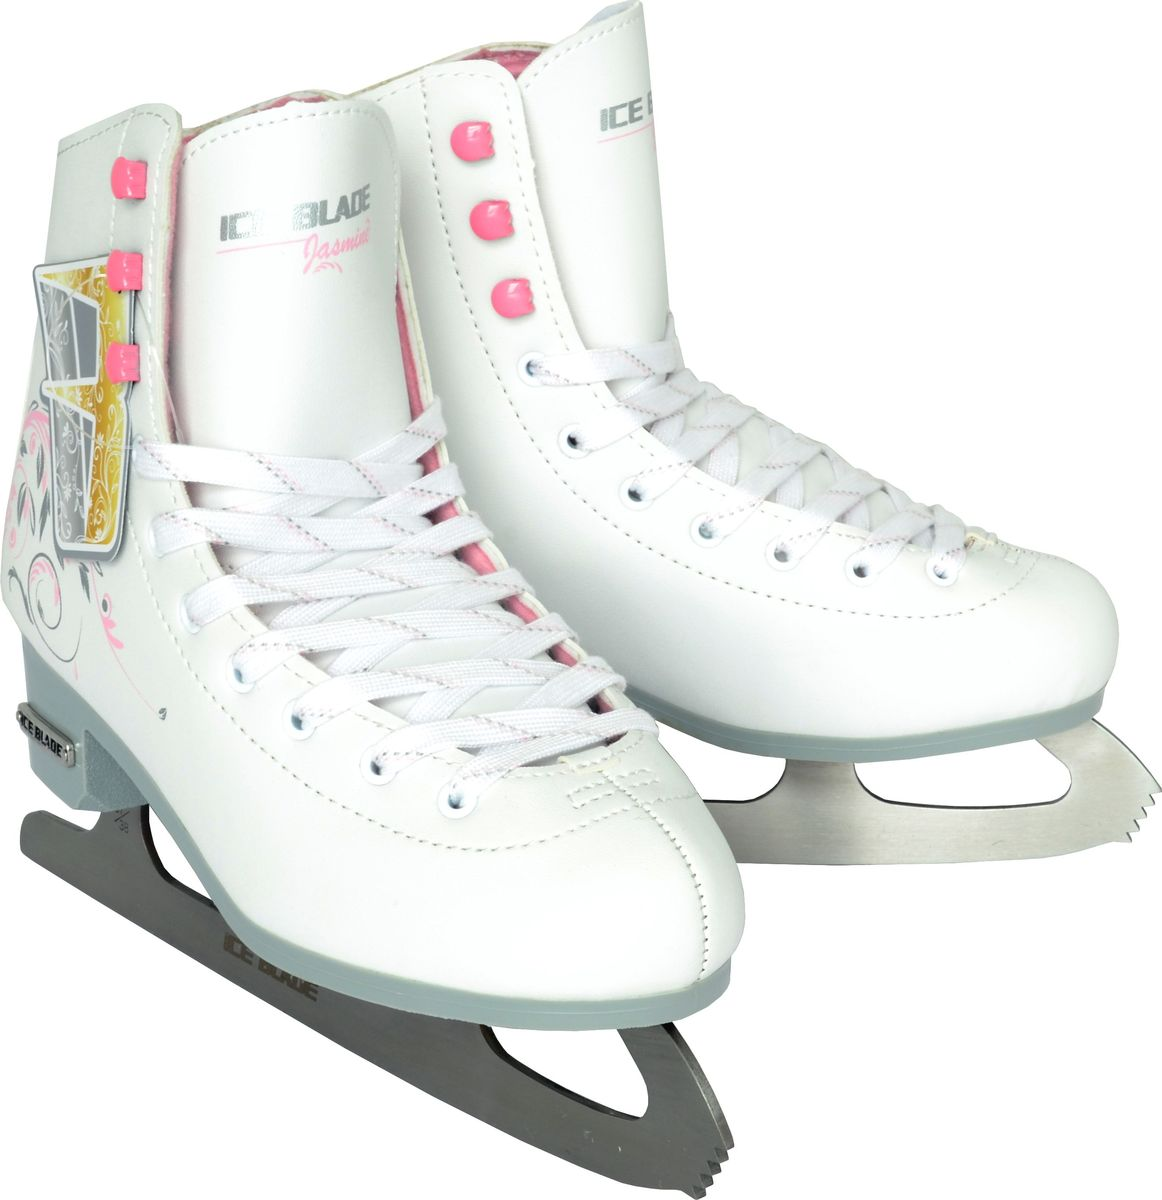 Коньки фигурные для девочки Ice Blade Jasmine, цвет: белый. Размер 31УТ-00010448Ice Blade Jasmine - фигурные коньки классической формы. Предназначены для любительского катания. Они не только надежны и комфортны в использовании, но и отличаются прекрасным дизайном. Они выполнены из высококачественной искусственной кожи, обработанной защитным составом, предотвращающим негативное воздействие влаги. Ботинок очень удобен благодаря своей анатомической конструкции и увеличенной жесткости - его усиление надежно защищает голеностоп от повреждений и позволяет кататься увереннее. Изготовлен из особой высококачественной искусственной кожи, обладает высокой прочностью. Внутренняя часть ботинка выполнена из искусственного меха. Лезвие изготовлено из высокоуглеродистой стали с покрытием из никеля, что уменьшает вероятность коррозии металла.Яркий дизайн, удобный ботинок с мягкой меховой подкладкой и поддерживающей конструкцией сделают катание безопасным и комфортным. Предназначены для использования на открытом и закрытом льду. Основные характеристики:Назначение: фигурные конькиТип фиксации: шнурки (наличие шнурков)Цвет: белыйДополнительные характеристики: Материал ботинка: искусственная кожа высокого качества Внутренняя отделка: мягкий вельветин Лезвие: высокоуглеродистая сталь с покрытием из никеляДополнительно: улучшенная колодка Упаковка: удобная сумка Дополнительно: Гарантия 1 год